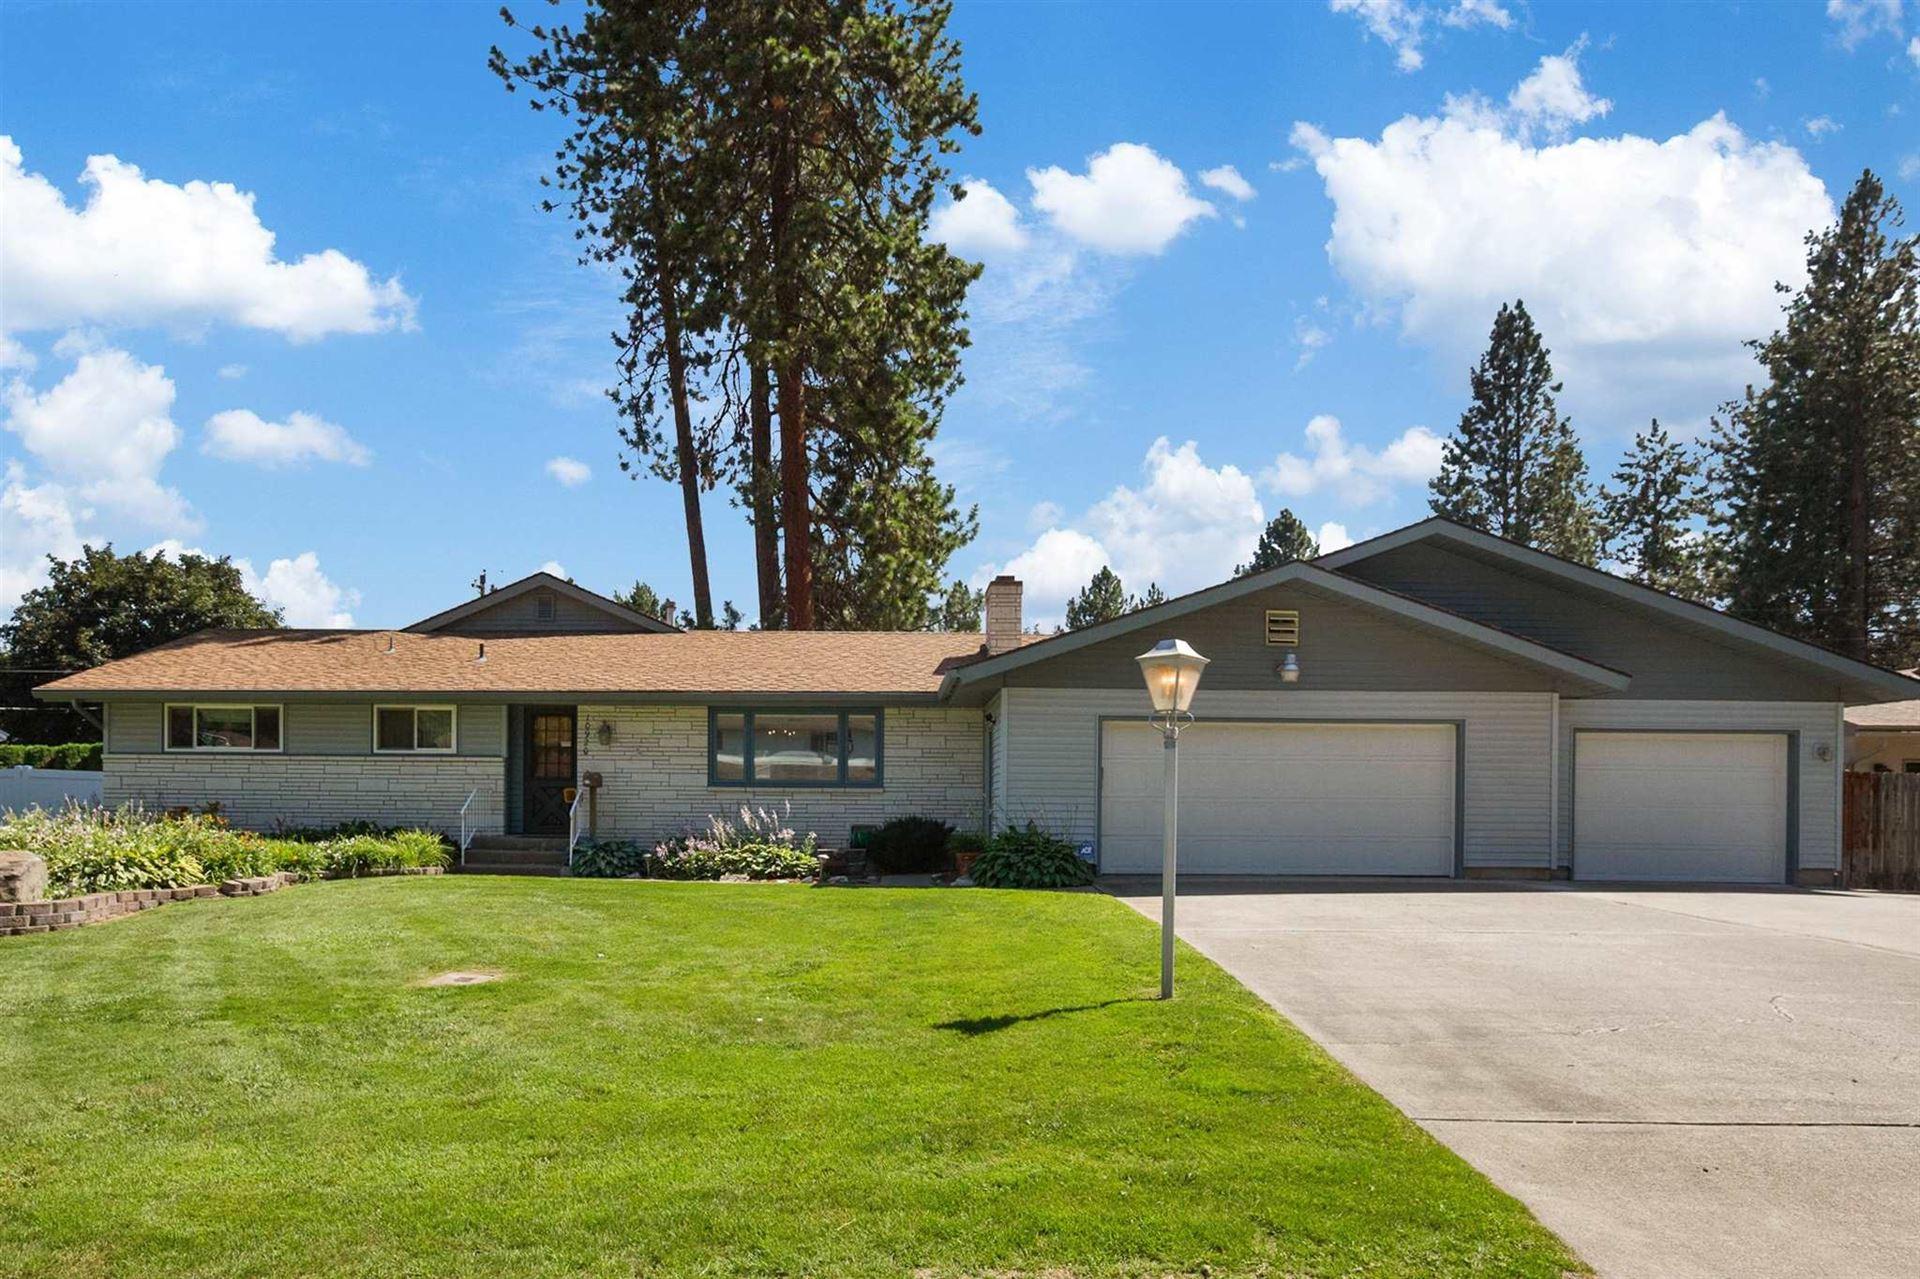 10920 E 24th Ave, Spokane Valley, WA 99206-5681 - #: 202119025